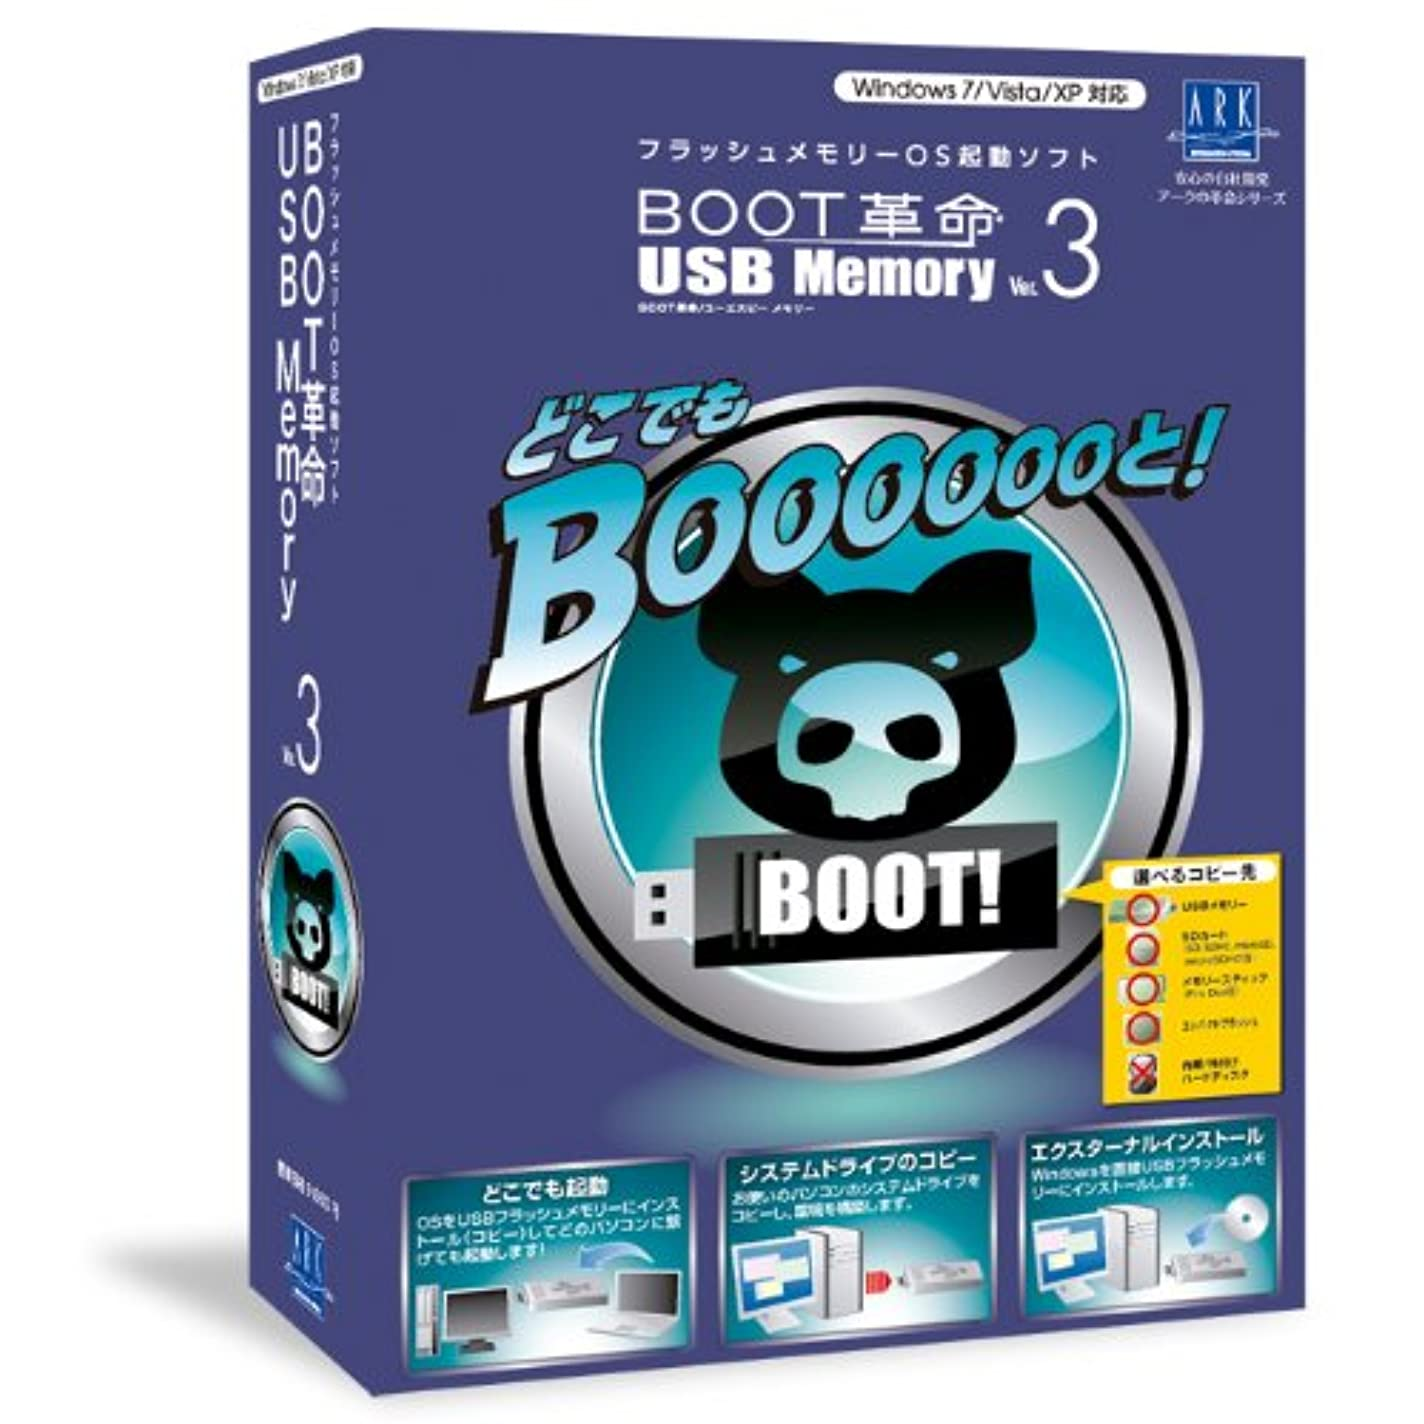 ジョリー岸細心のBOOT革命/USB Memory Ver.3